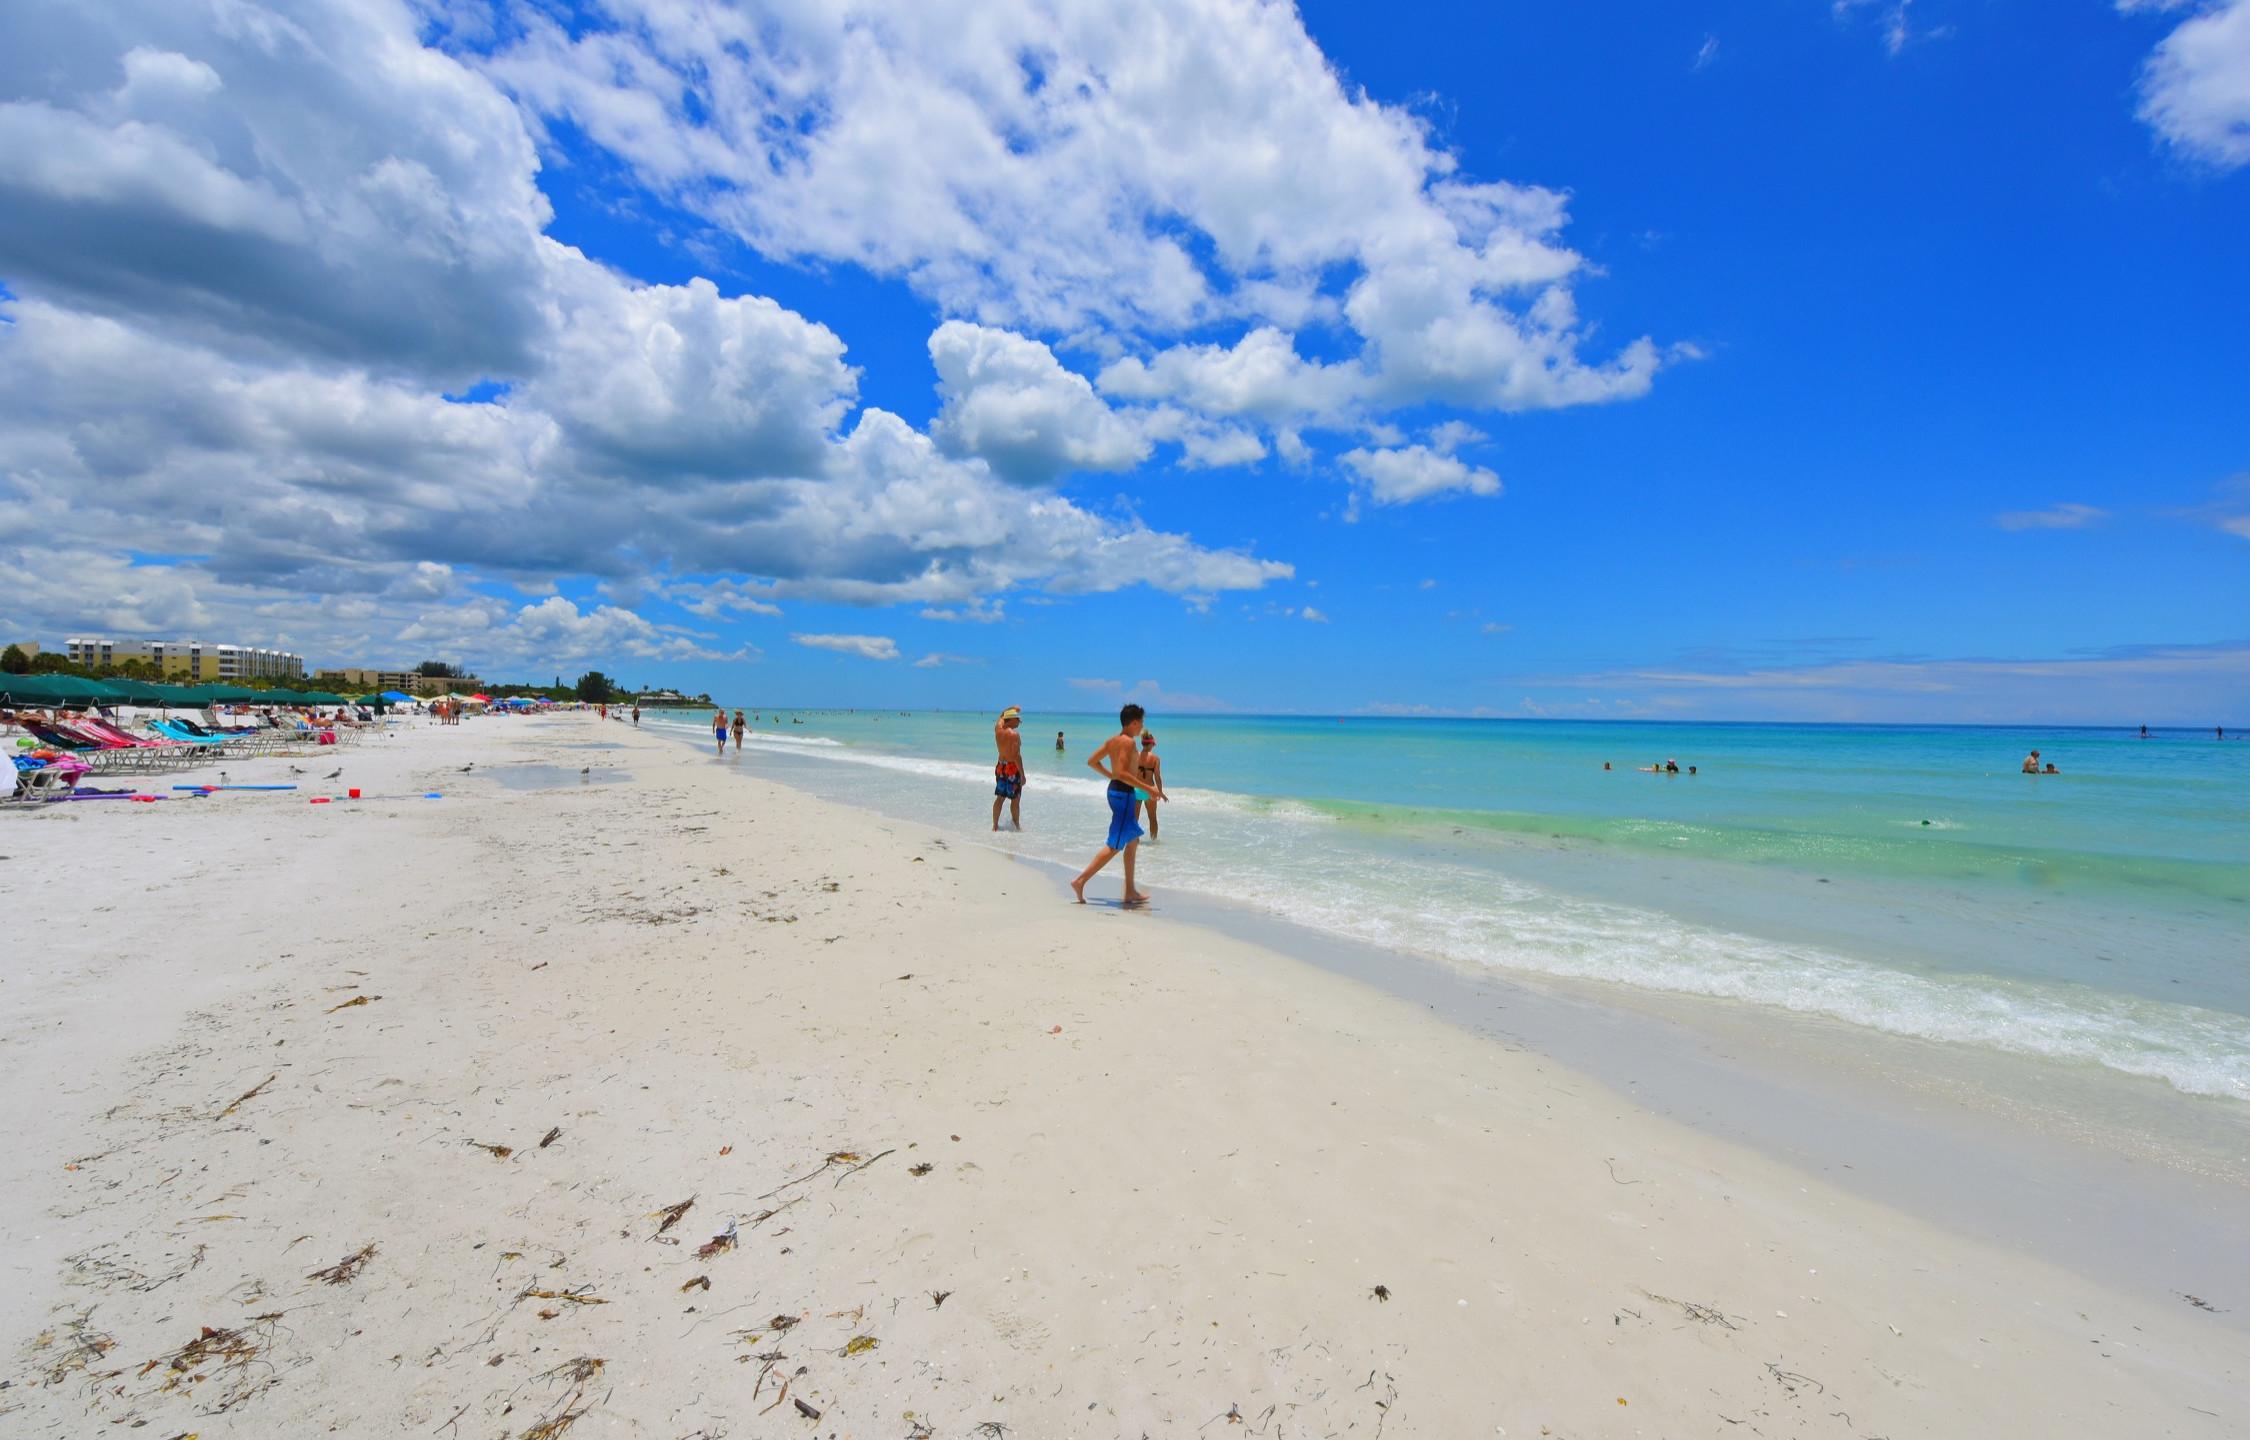 siesta-beach-9-srq360-2250x1500